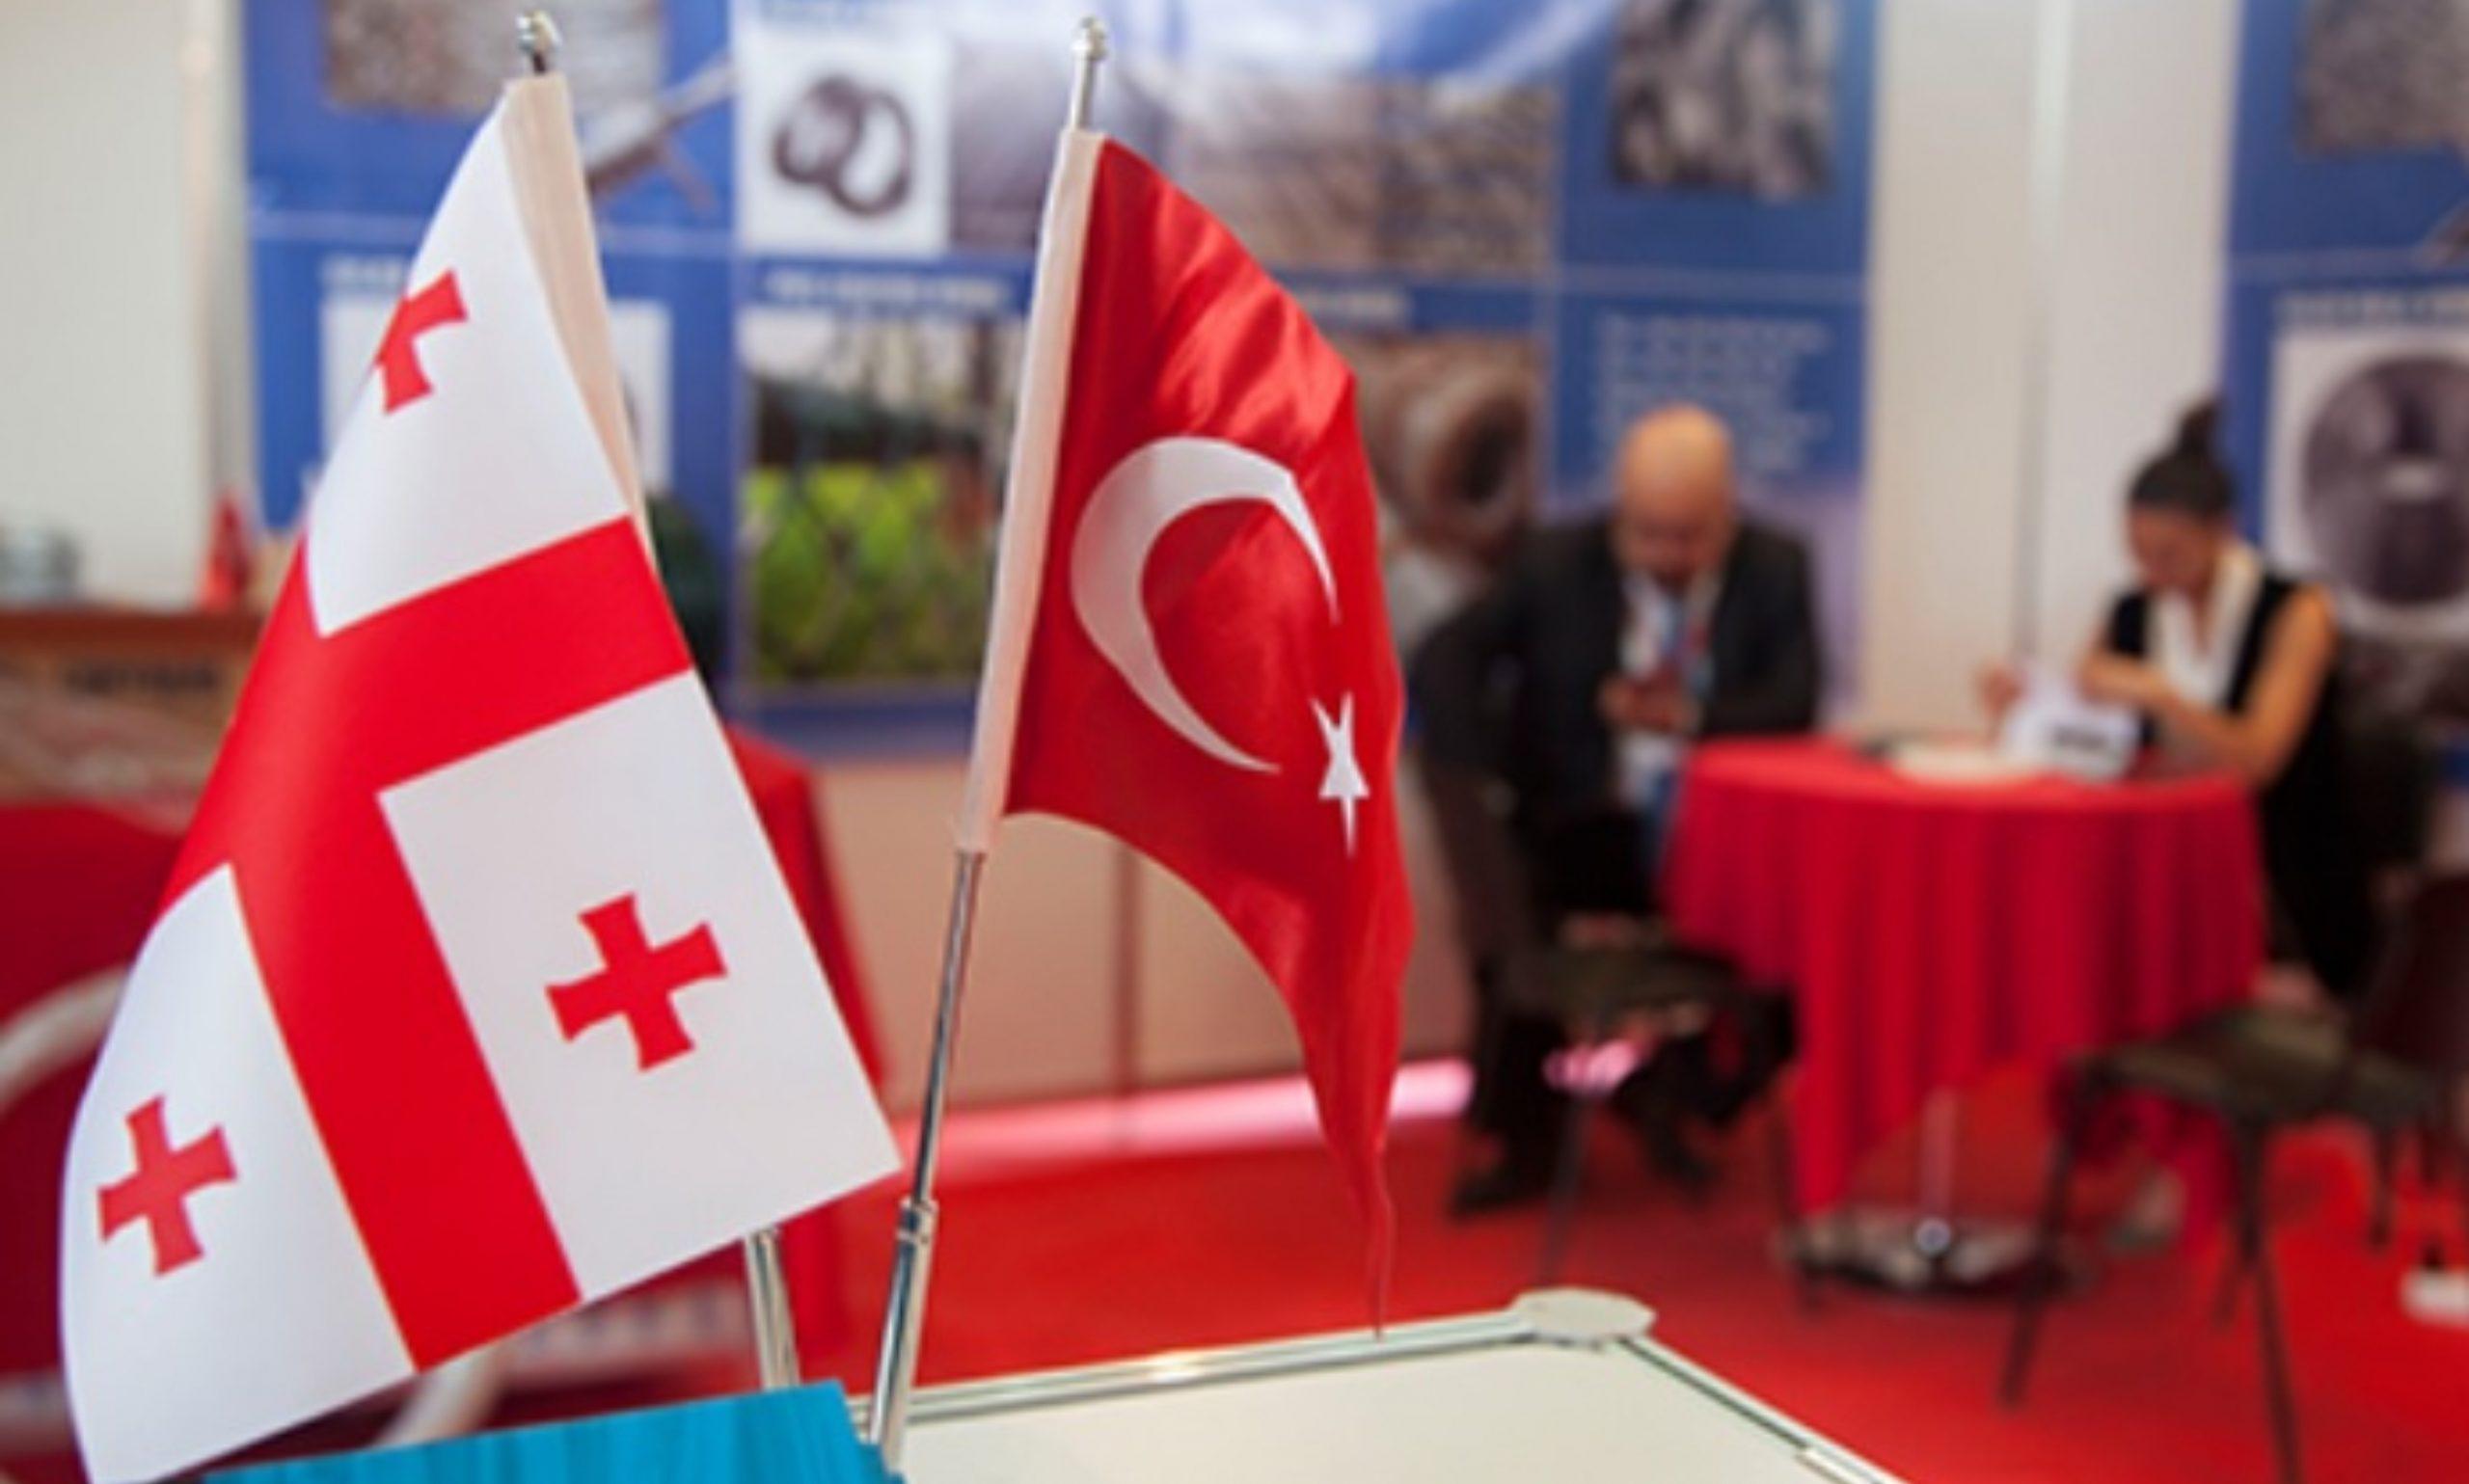 საქართველოში თურქეთის საელჩო კორონავირუსის გამო მუშაობას აჩერებს